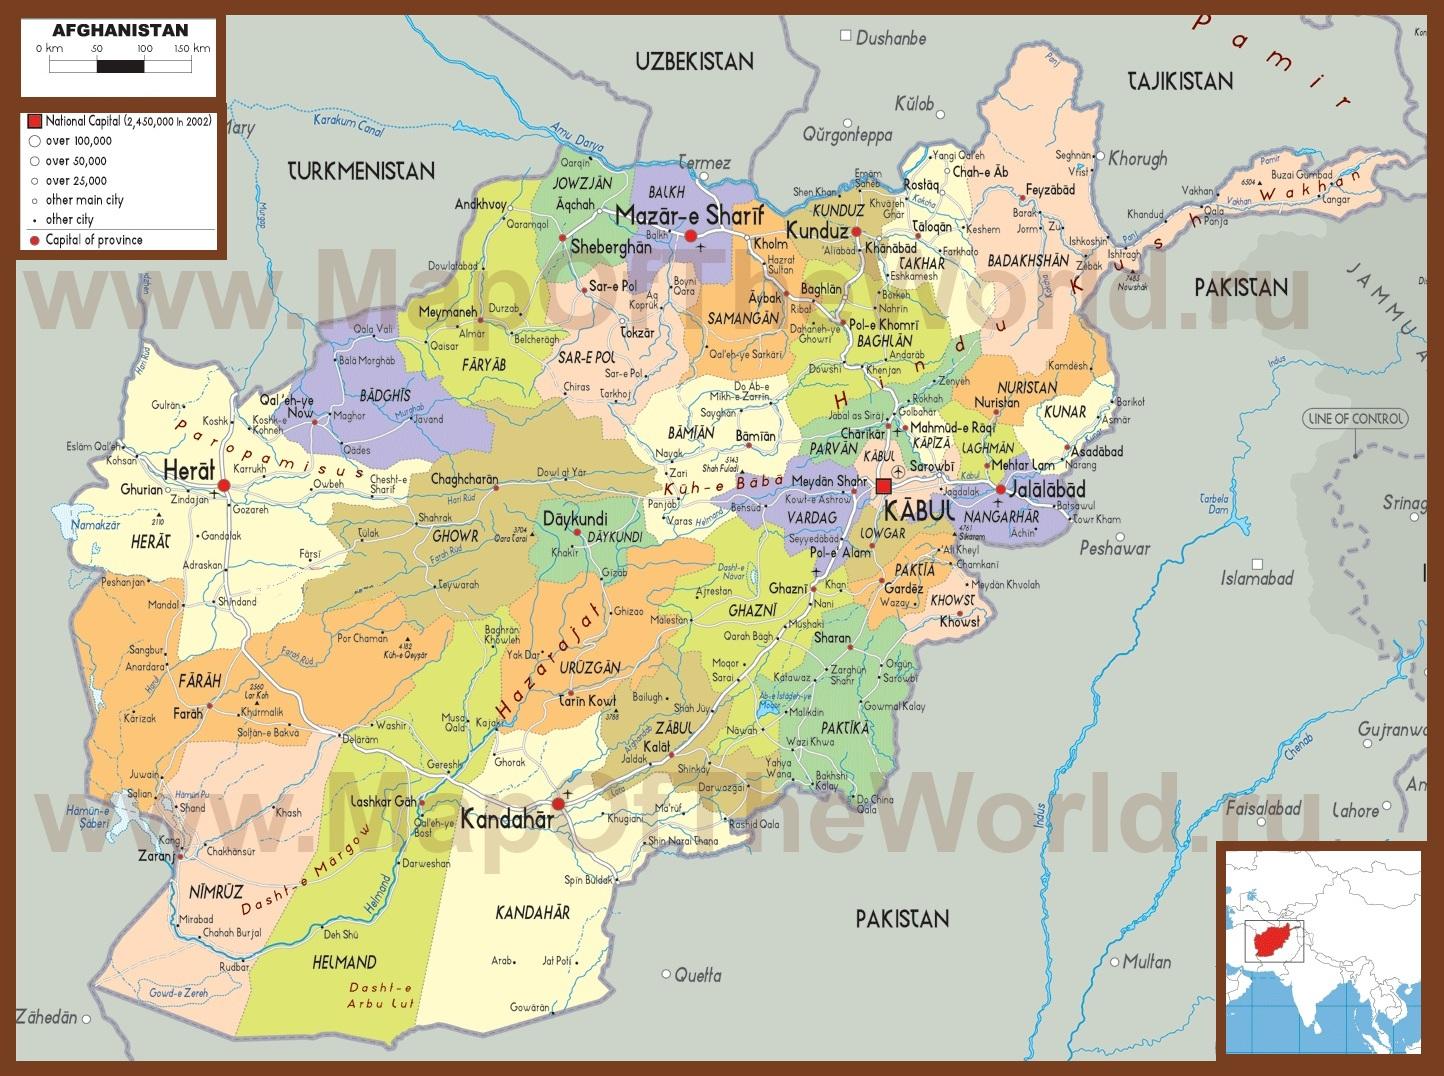 Политическая карта афганистана с